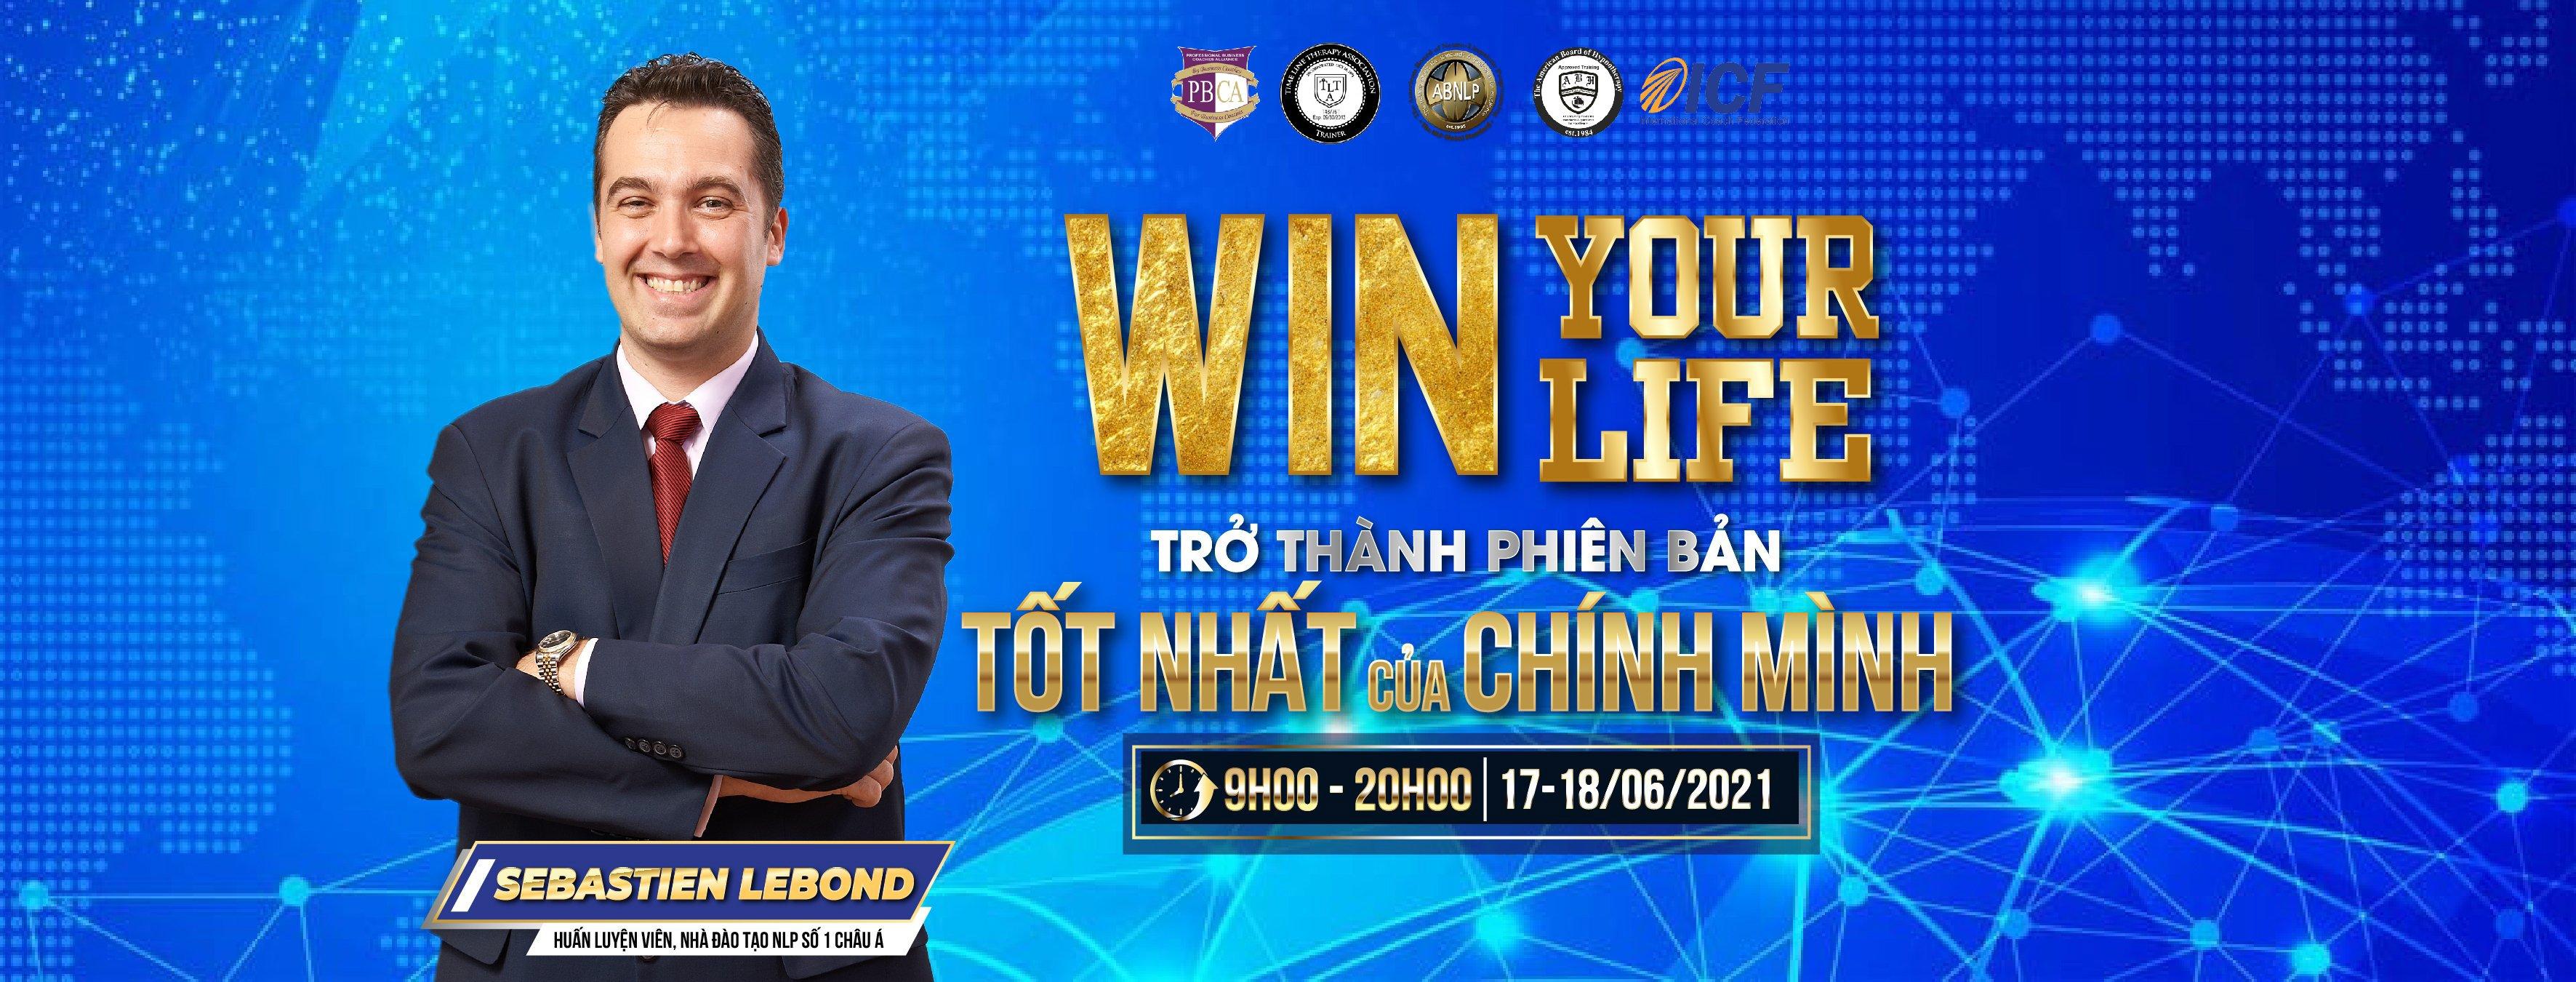 WIN YOUR LIFE - TRỞ THÀNH PHIÊN BẢN TỐT NHẤT CỦA CHÍNH MÌNH